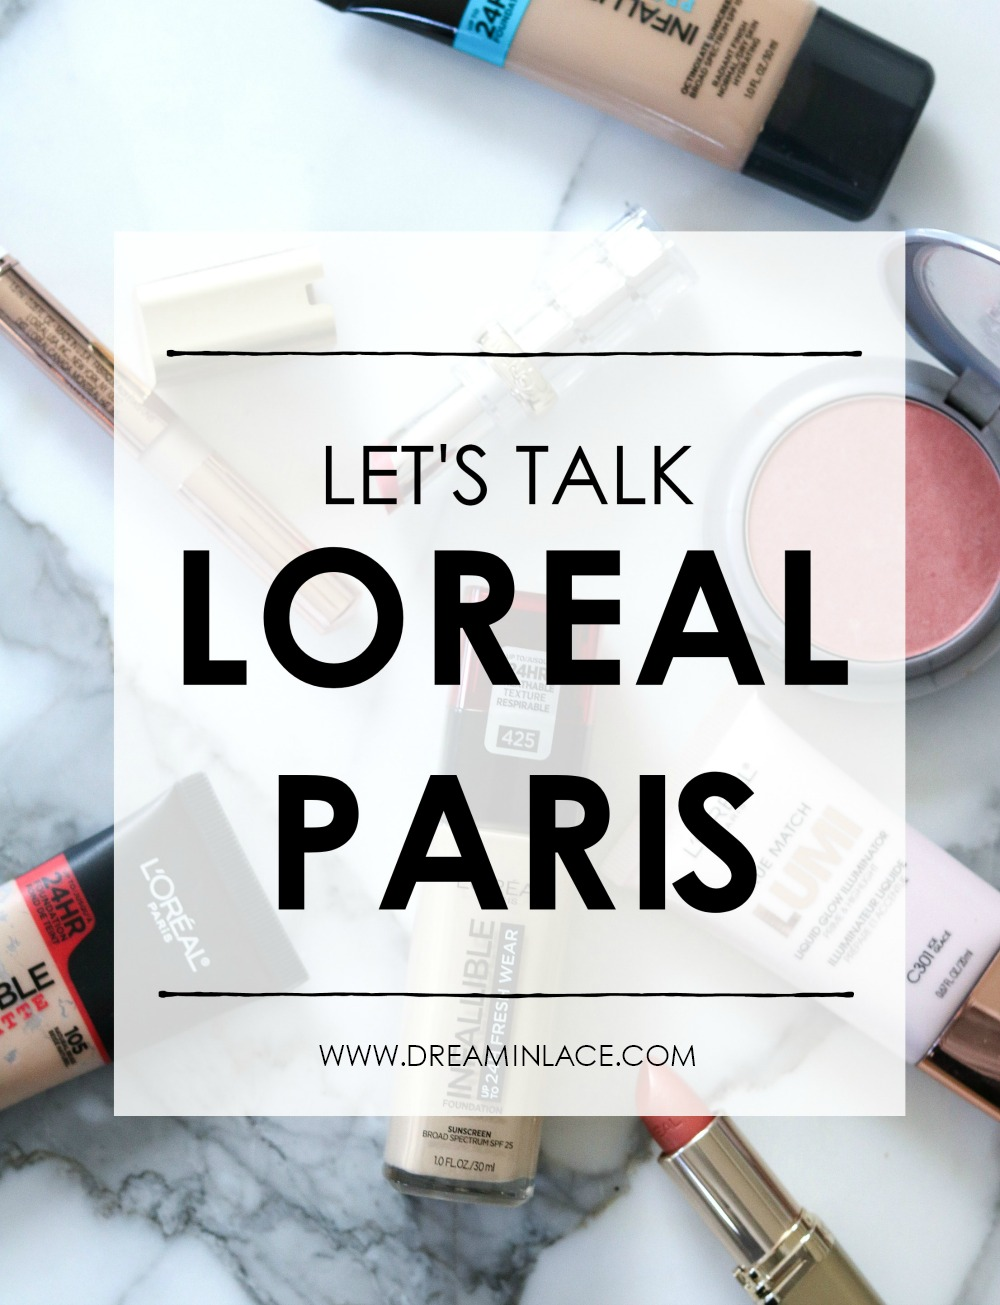 LOREAL-PARIS-MUNROELoreal Paris Munroe Bergdorf Anti-Racism Statement I Dreaminlace.com